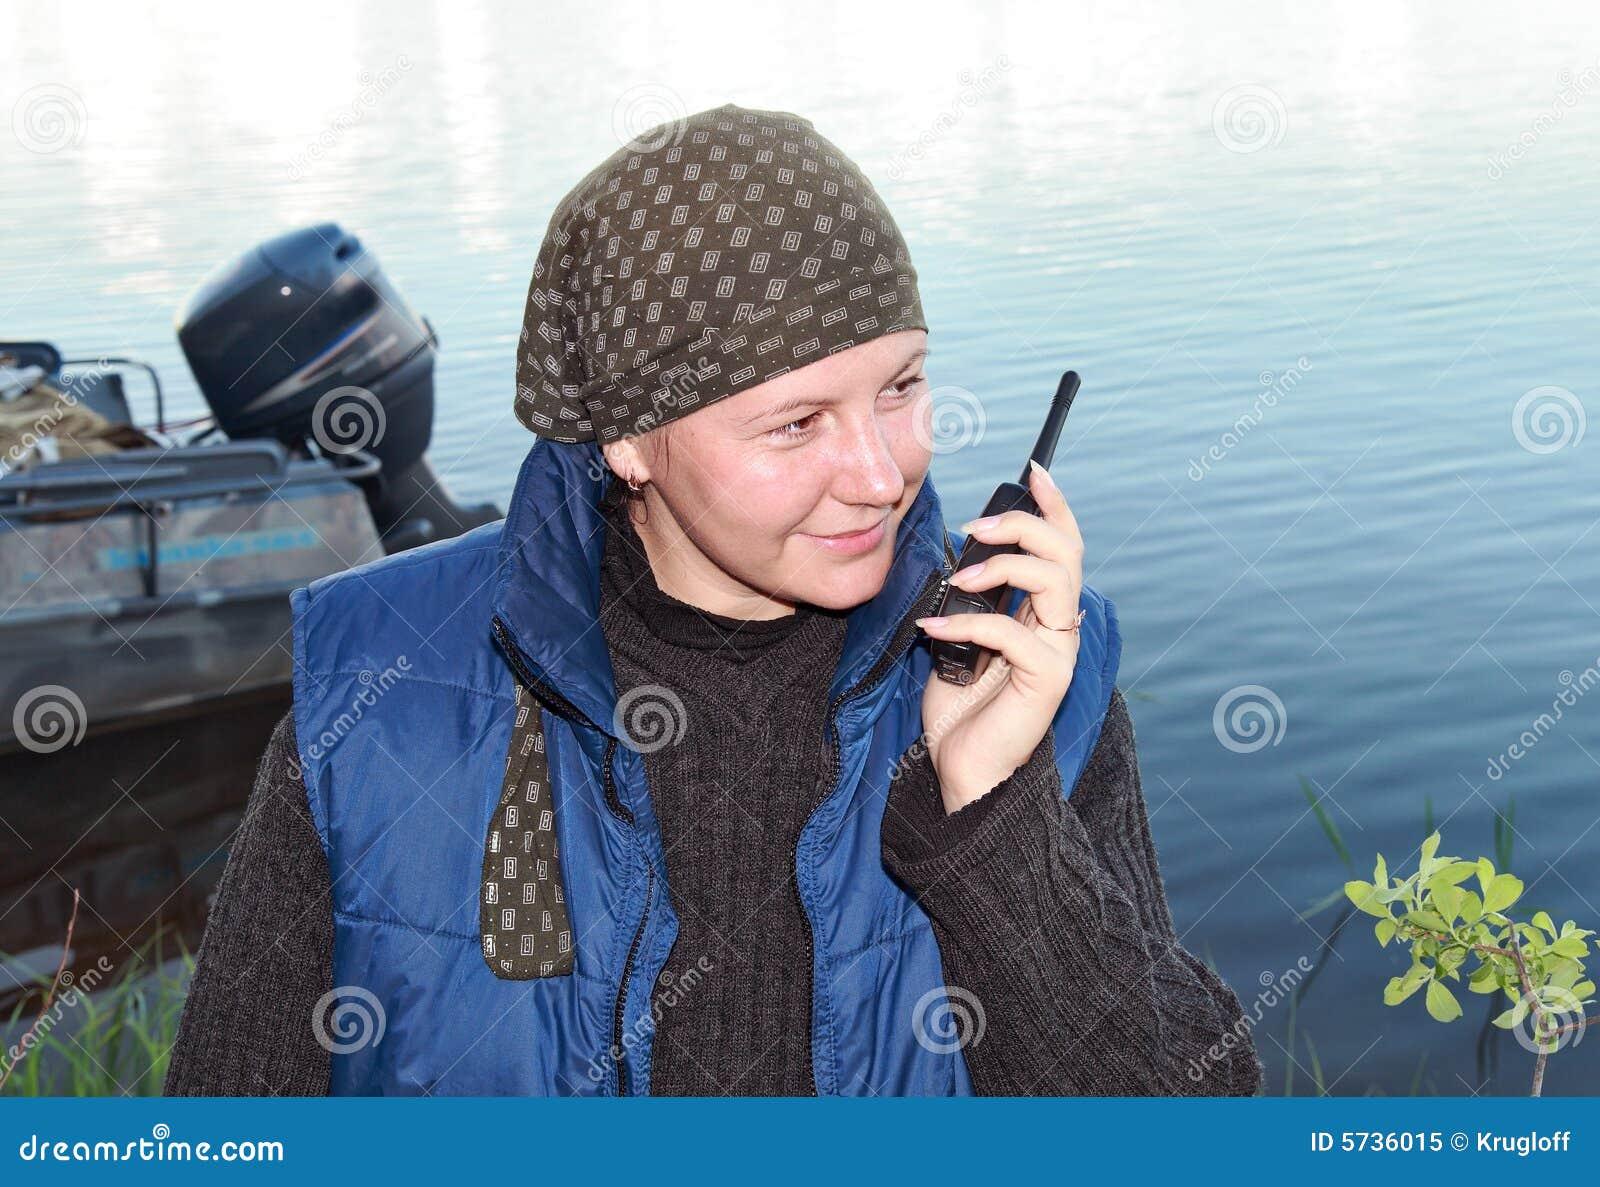 Uma menina de sorriso fala em um jogo de rádio portátil